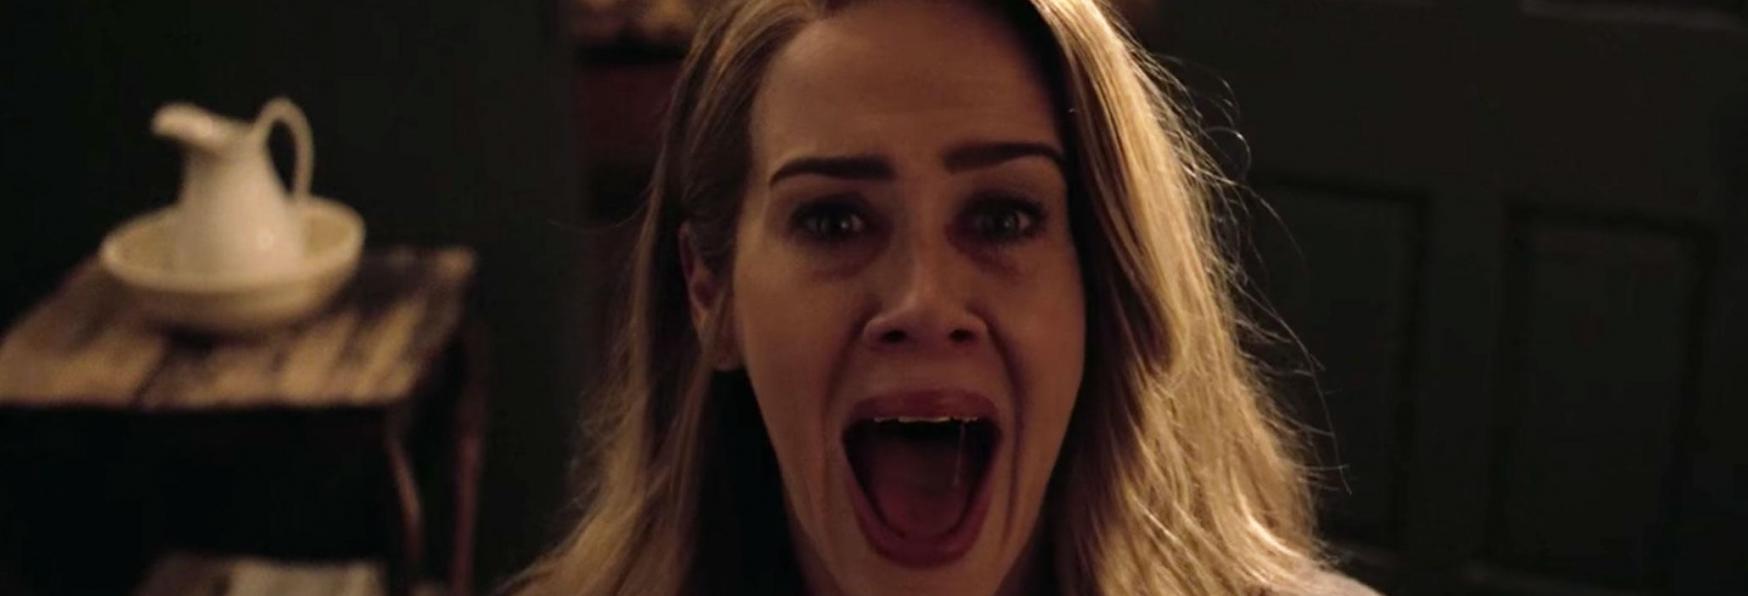 American Horror Story 10: Ryan Murphy condivide il Poster e svela dei Dettagli sul Tema